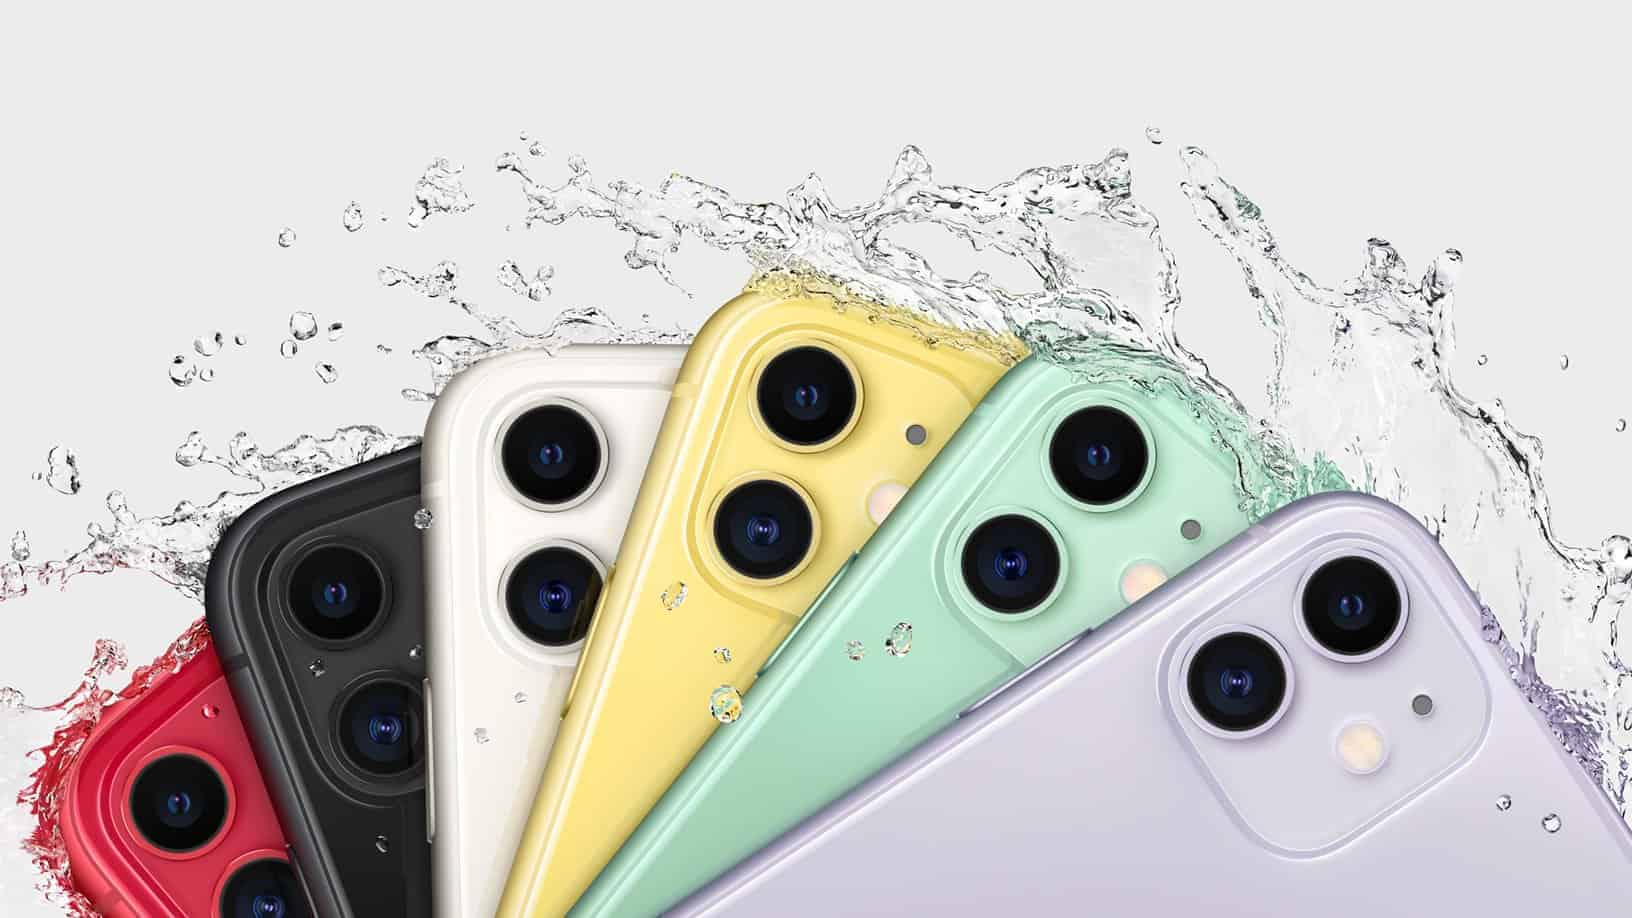 Apple iPhone 11 Apple Keynote 2019